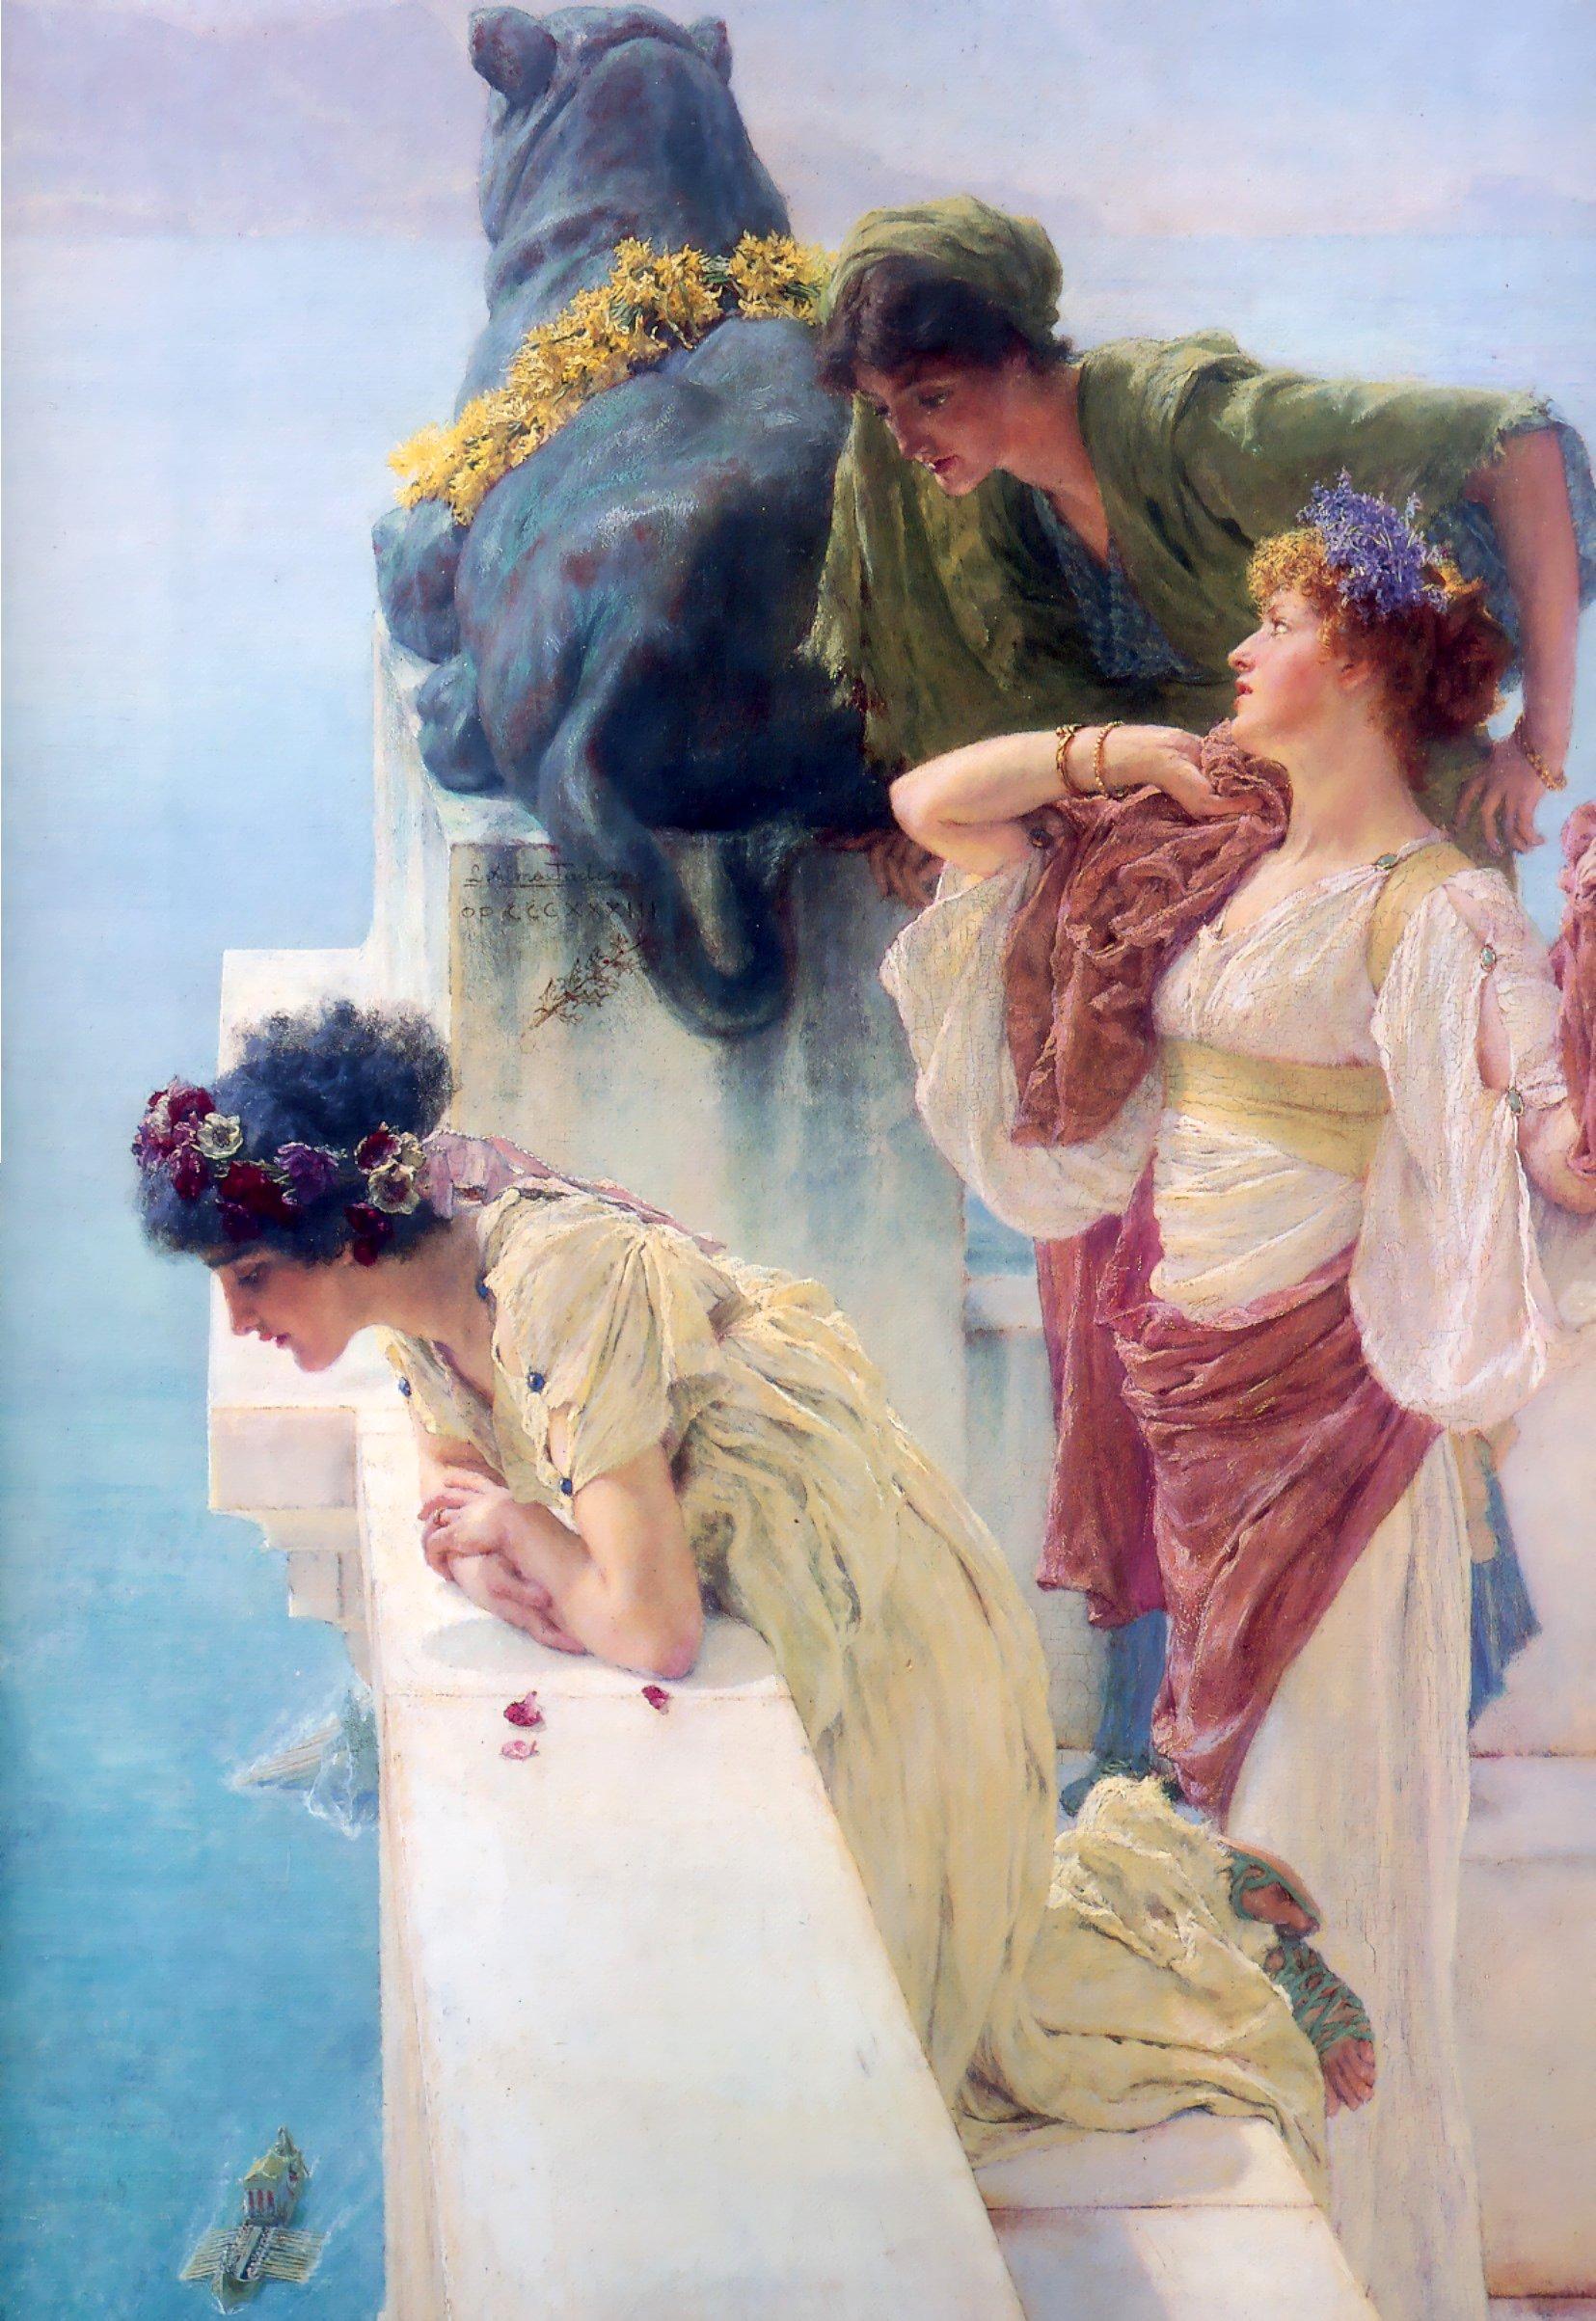 картина <Выгодная позиция> :: Альма-Тадема, плюс статья Какой оригинальный подарок подарить подруге в день 8 марта - Lourens Alma Tadema (Альма-Тадема) фото